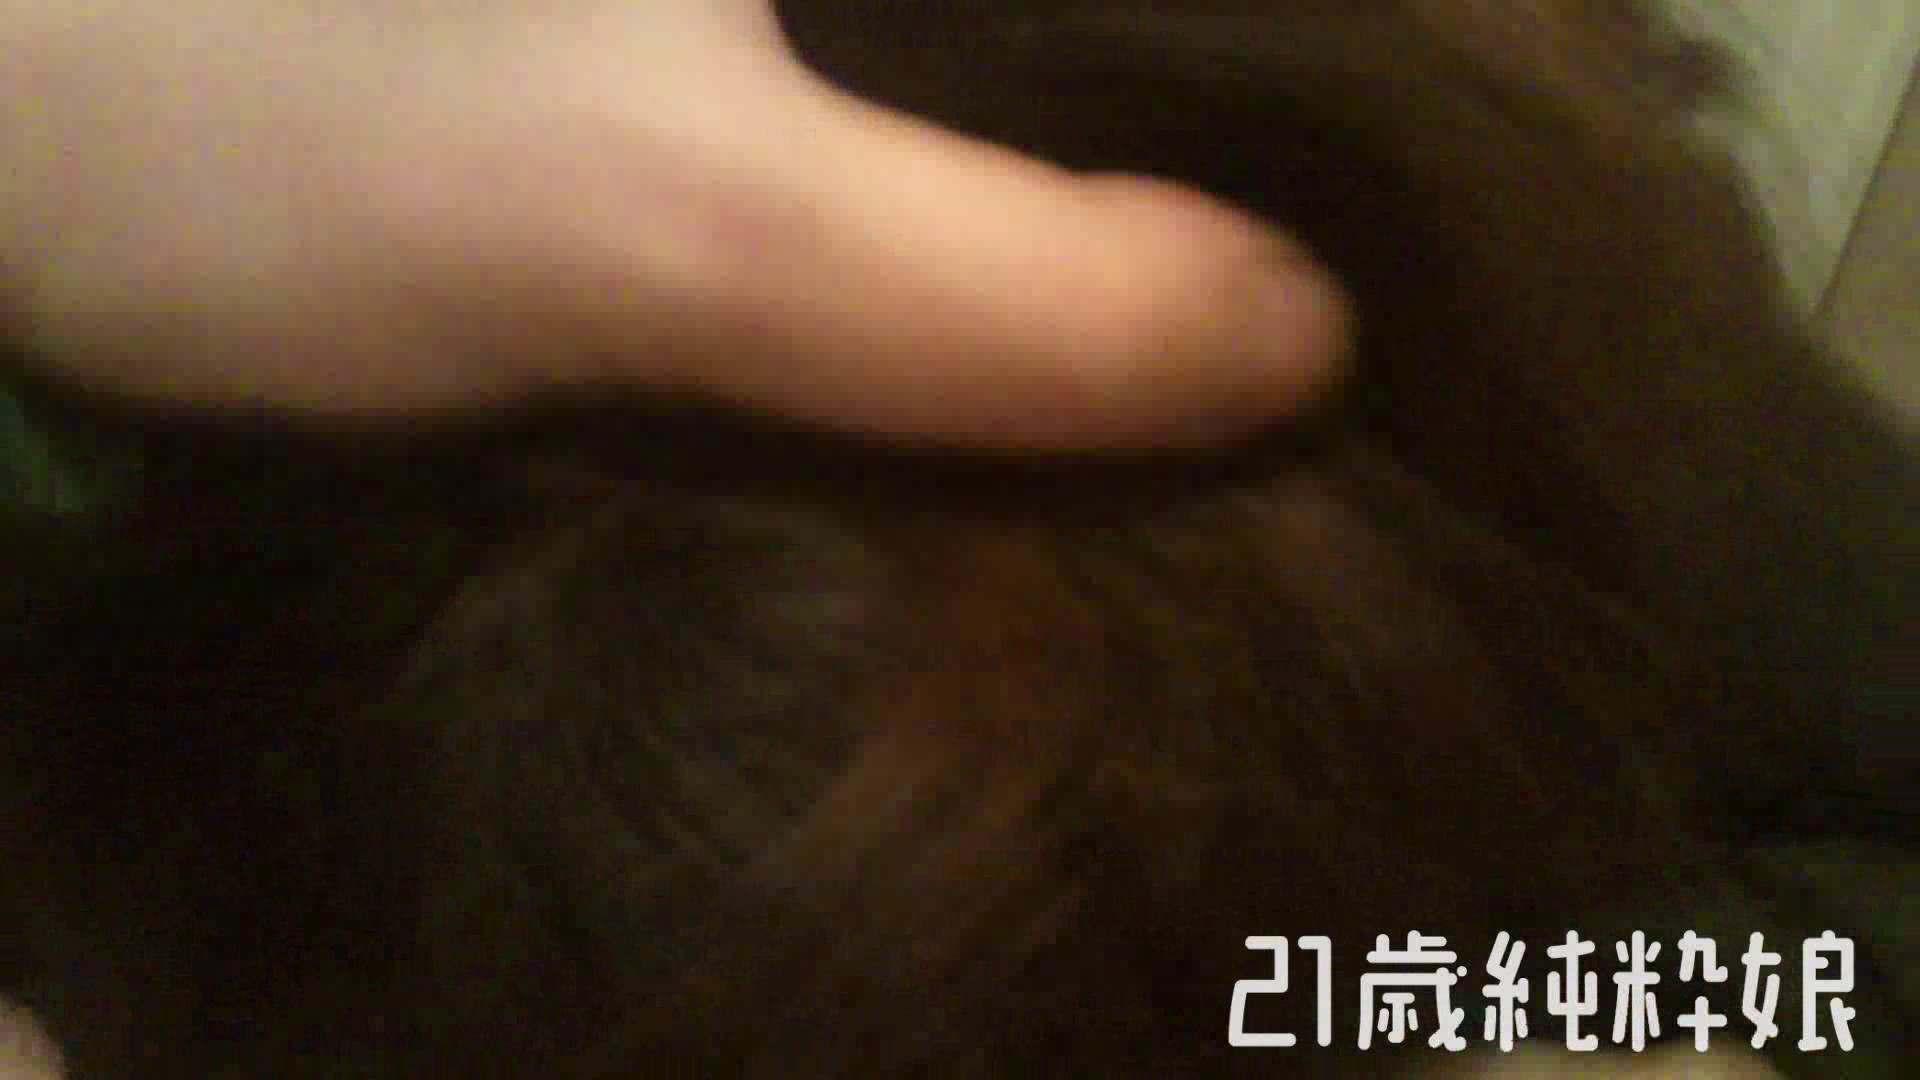 Gカップ21歳純粋嬢第2弾Vol.5 学校 | 性欲  108連発 70